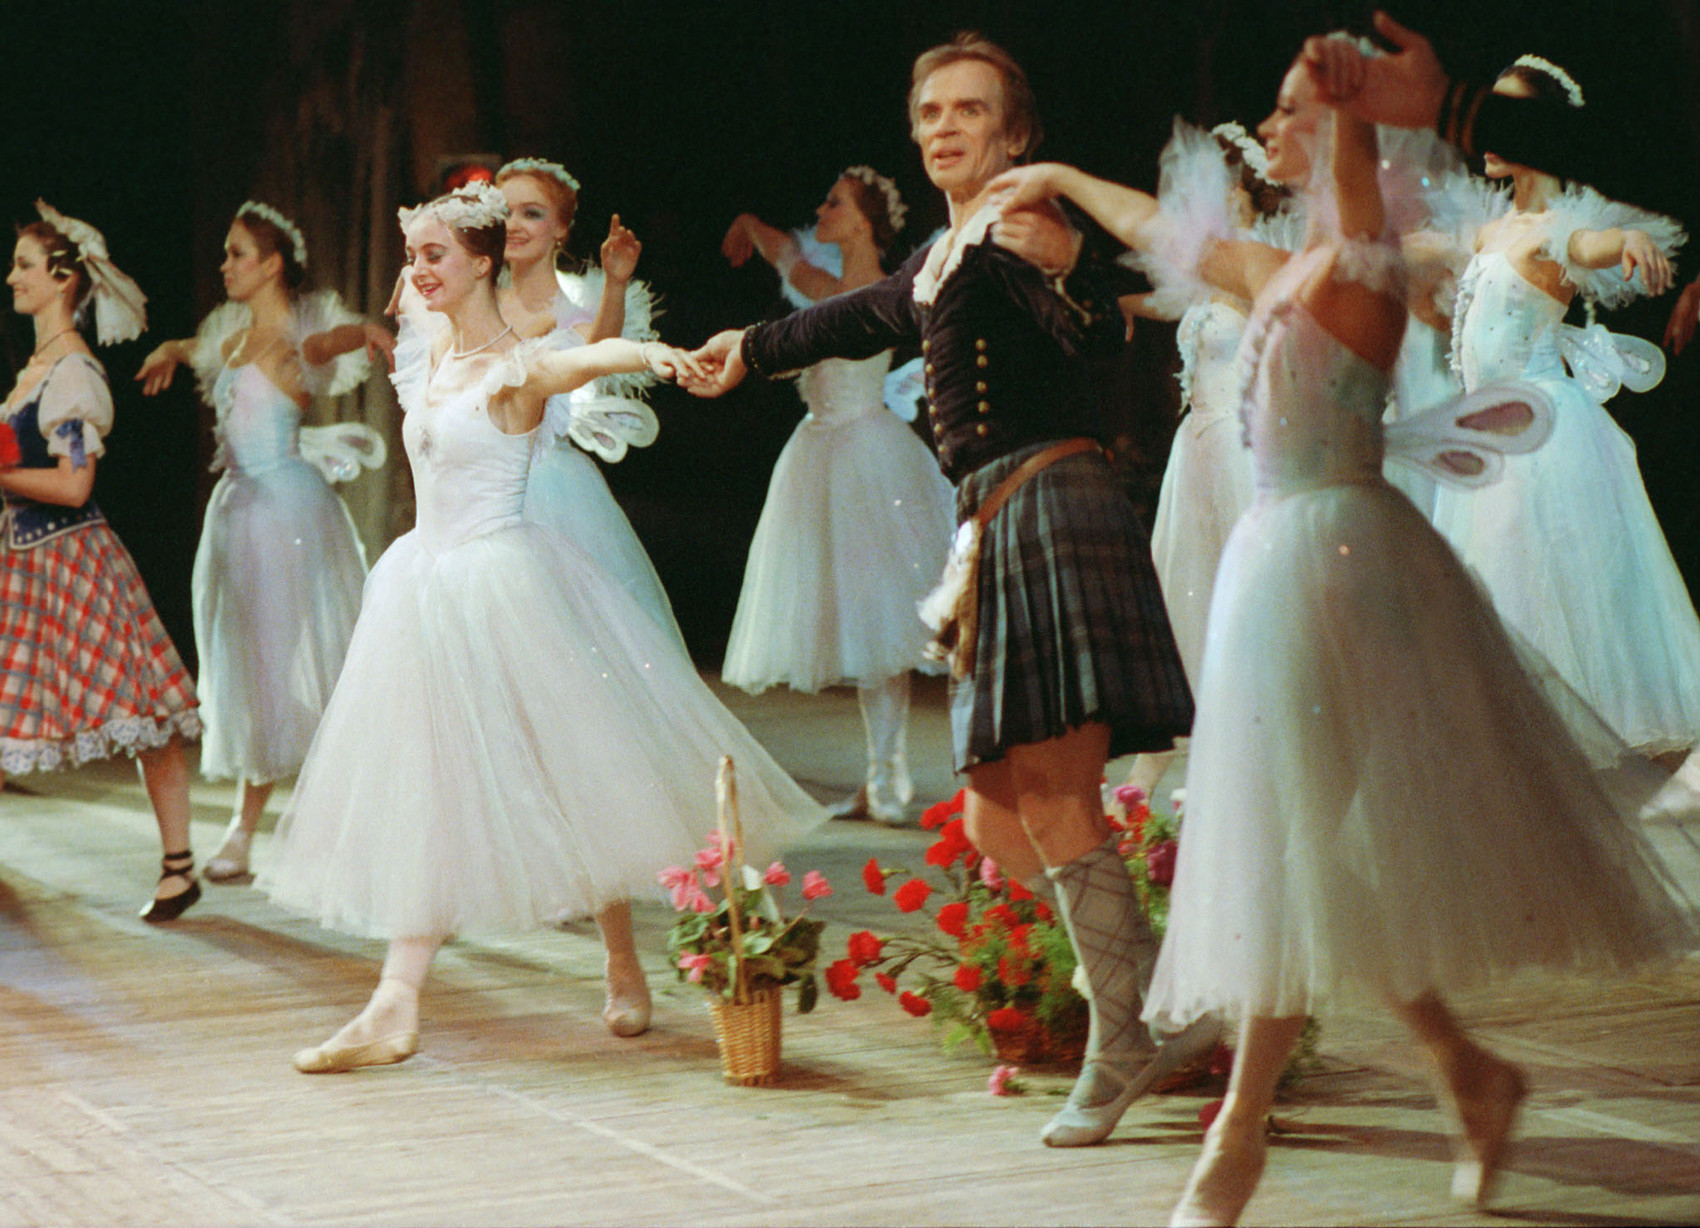 1989. godine, 30 godina nakon što je napustio domovinu, Rudolf Nurejev je posjetio Lenjingrad kako bi plesao u Kazalištu opere i baleta Kirova.